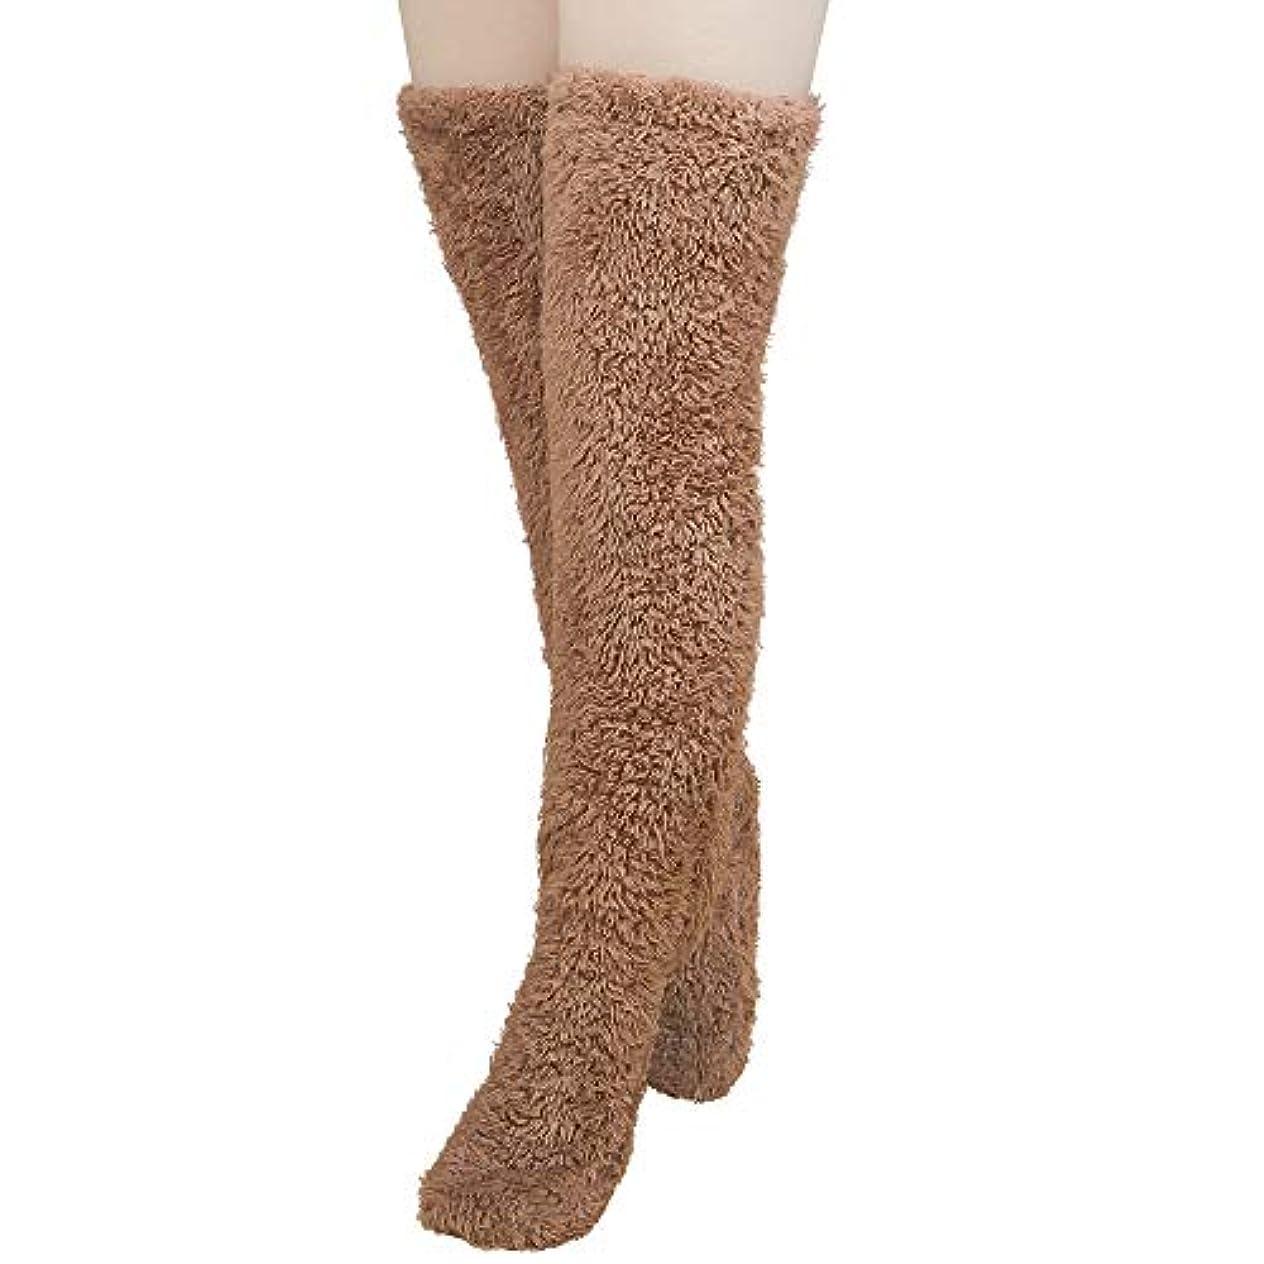 ゆるく落花生軸Miuko 足が出せるロングカバー 極暖 レッグウォーマー ふわふわ靴下 ロングソックス 冷えとり靴下 毛布ソックス 冷え対策 防寒ソックス あったか 超厚手 男女兼用